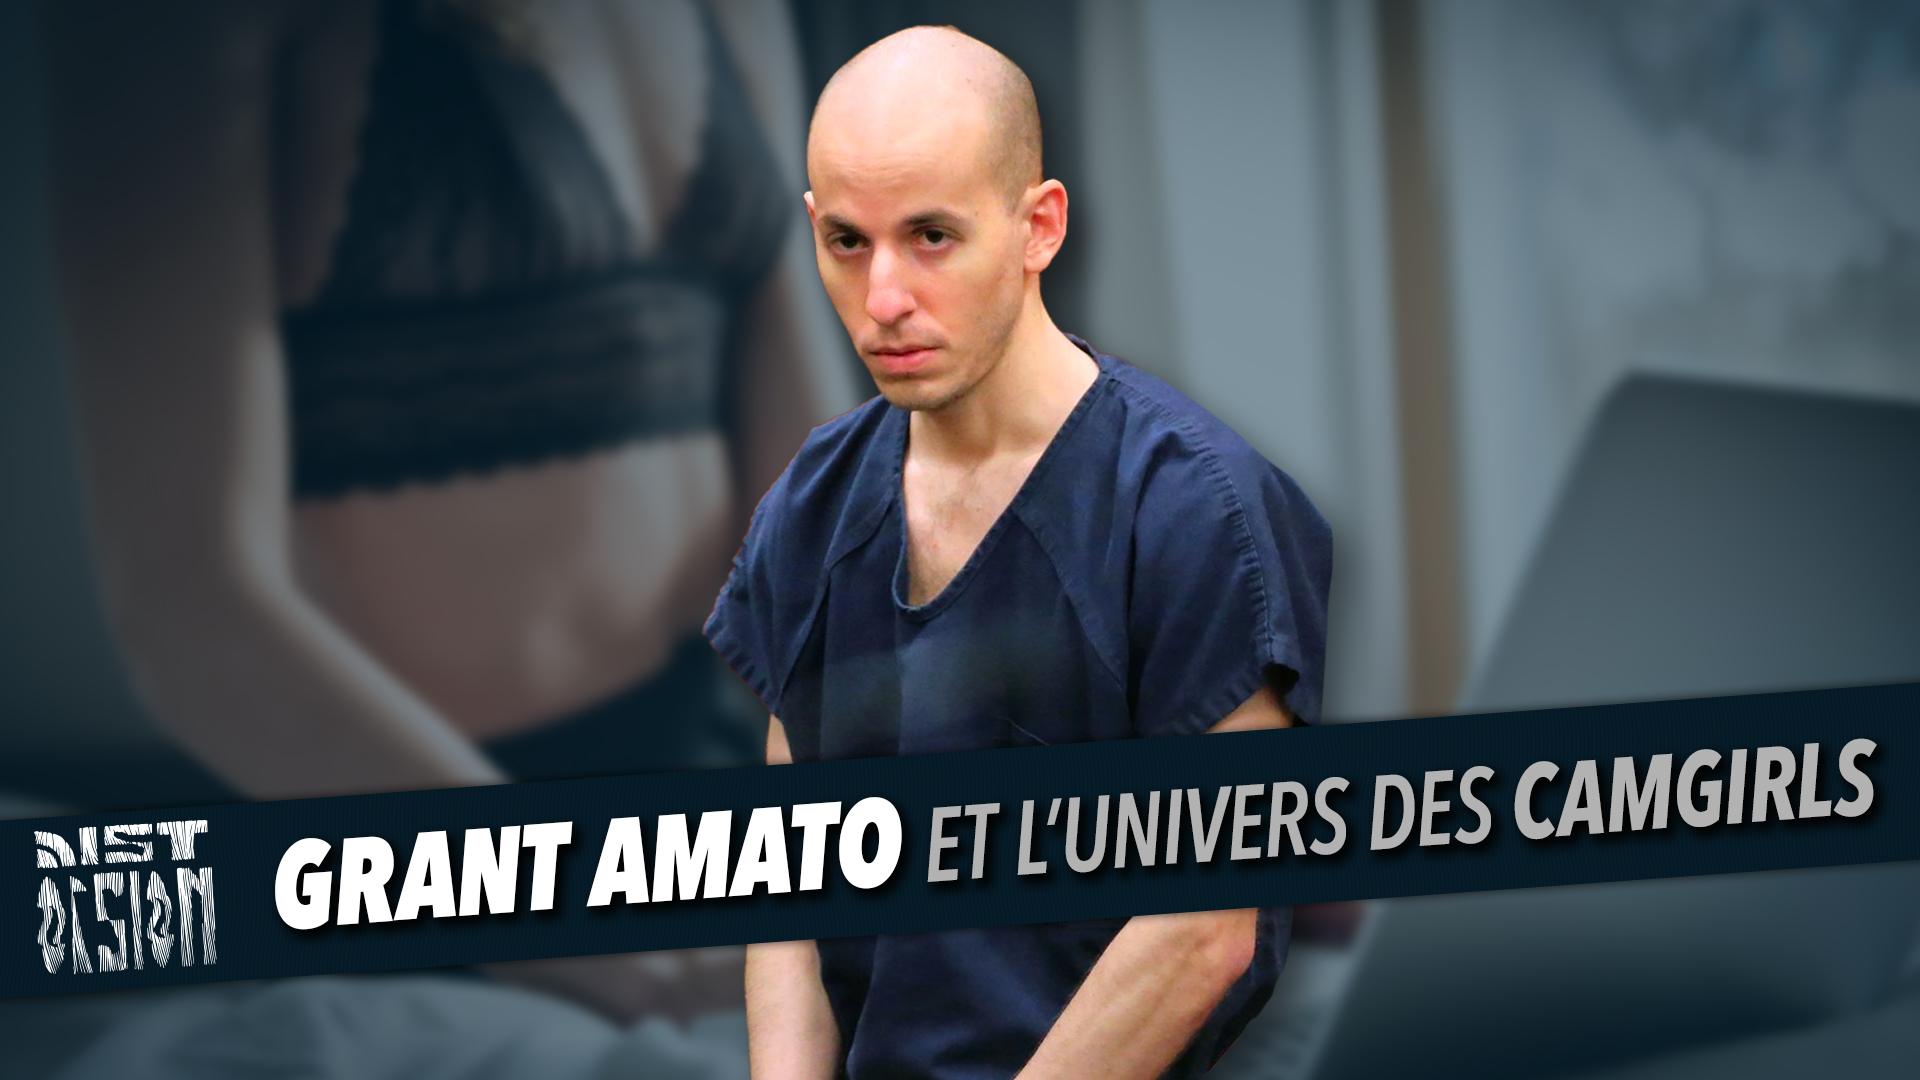 Grant Amato et l'univers des camgirls